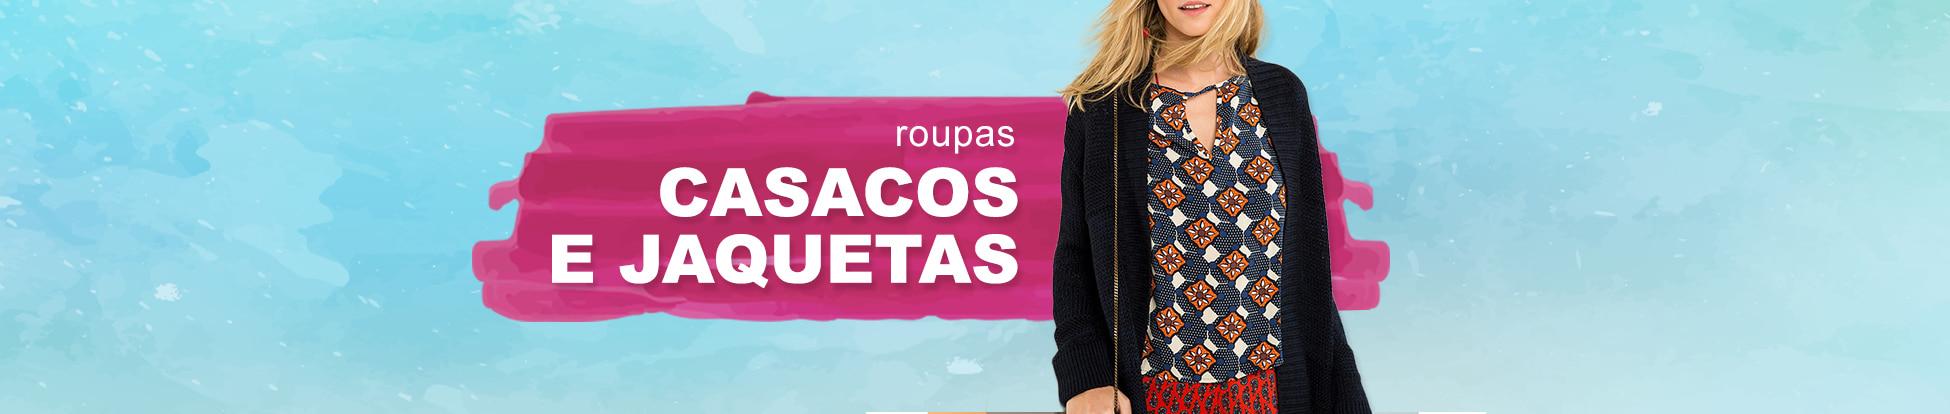 Roupas - Casacos e Jaquetas